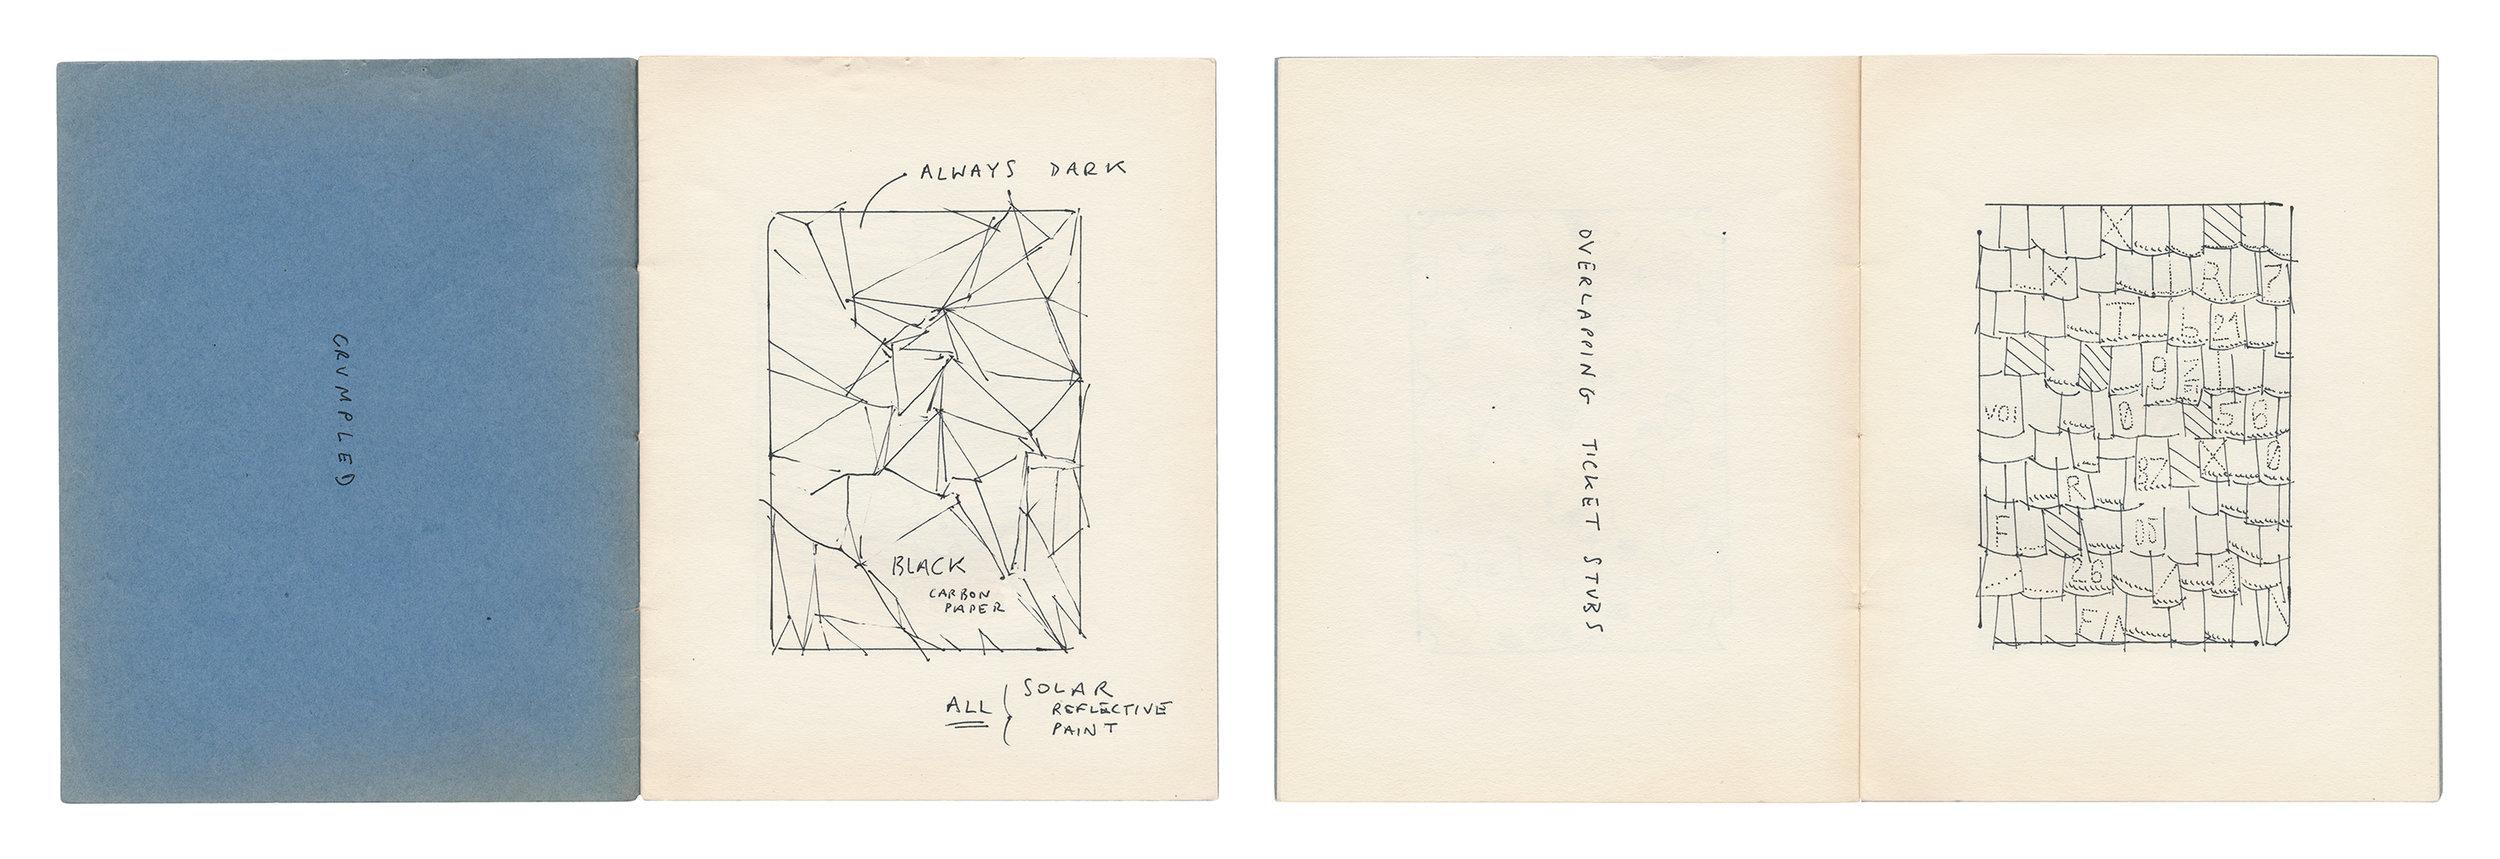 Sketchbook  2018 Studies for  Arrangements  (found sketchbook)